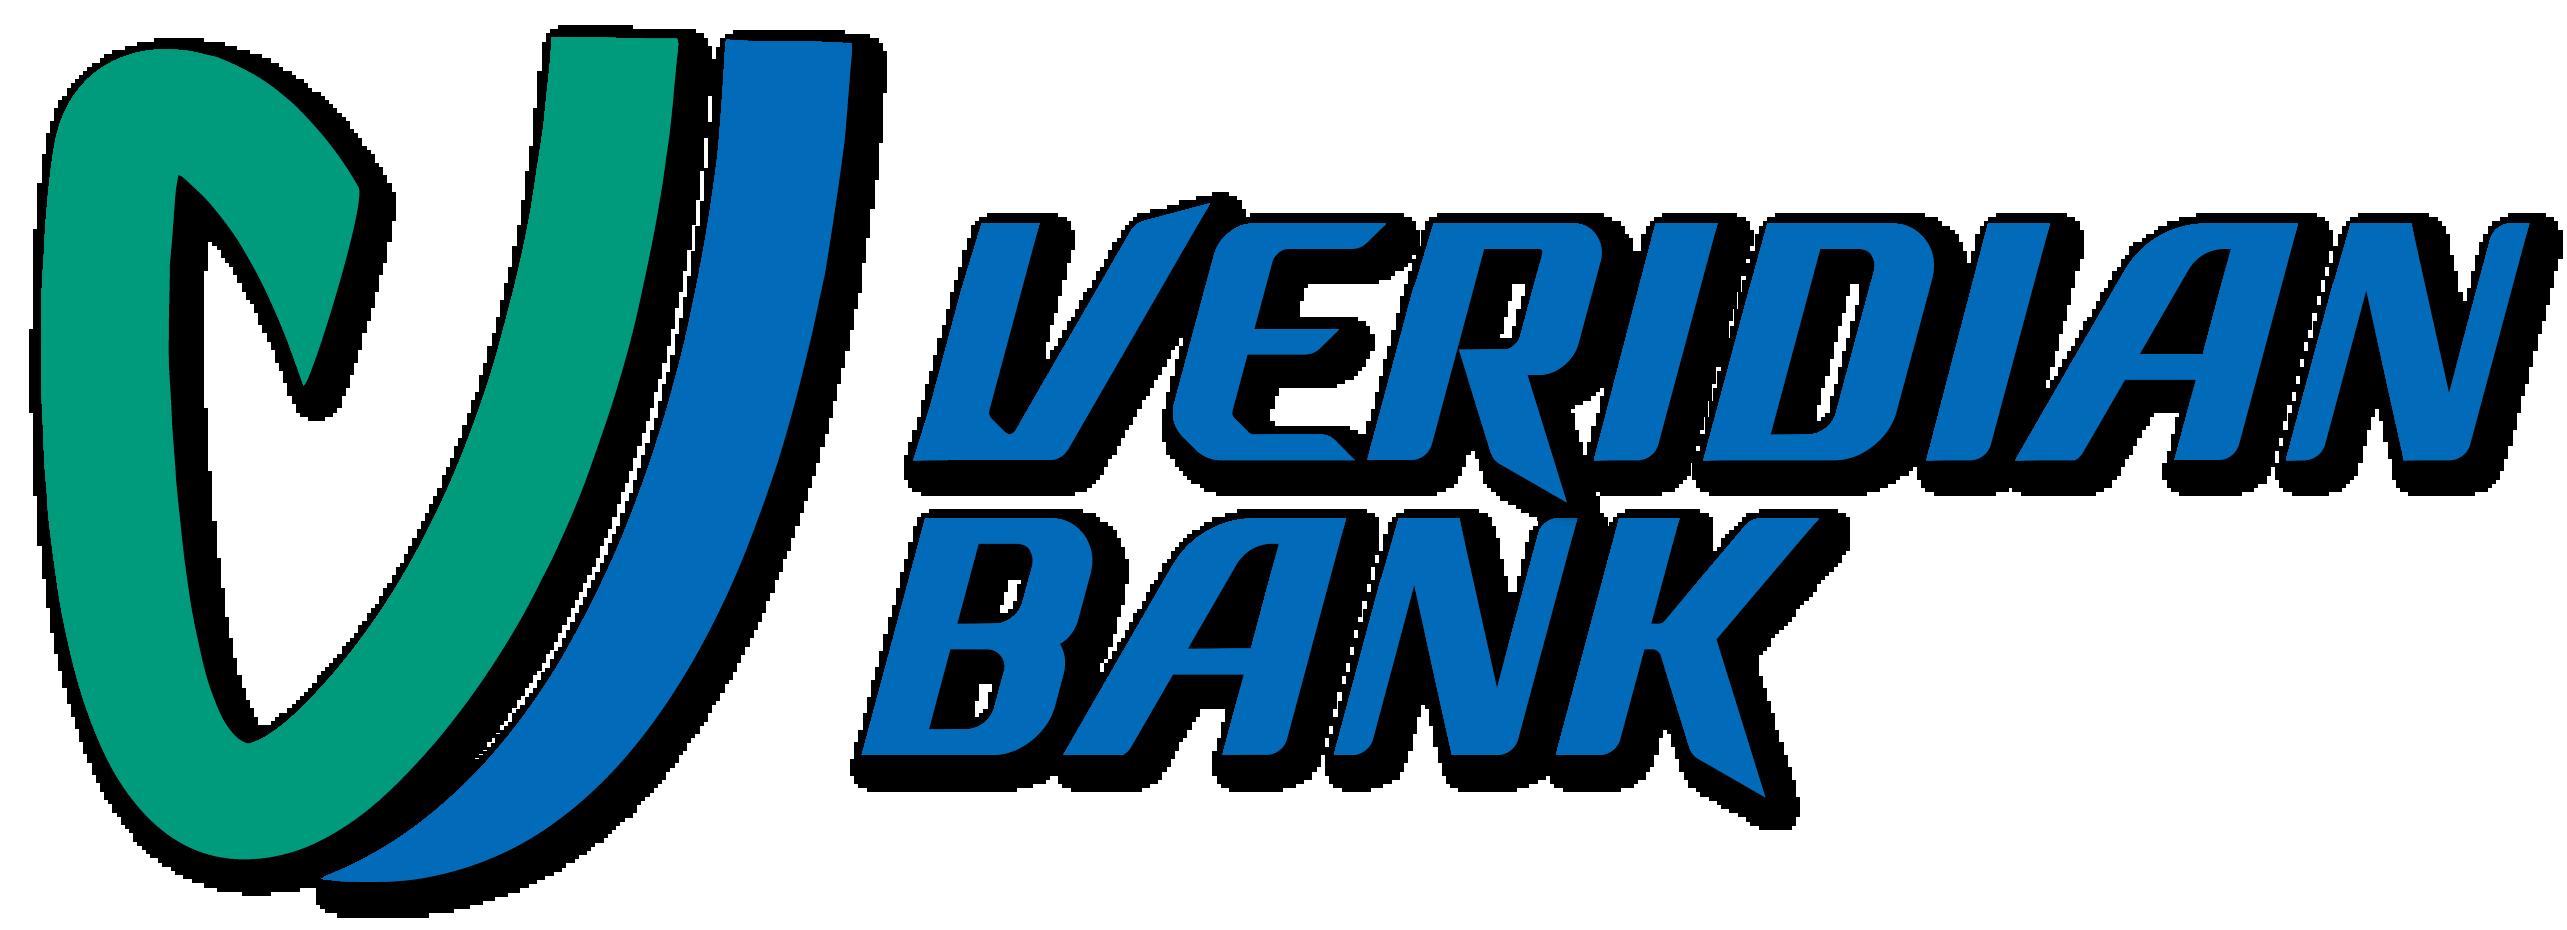 VeridianBankLogo.png